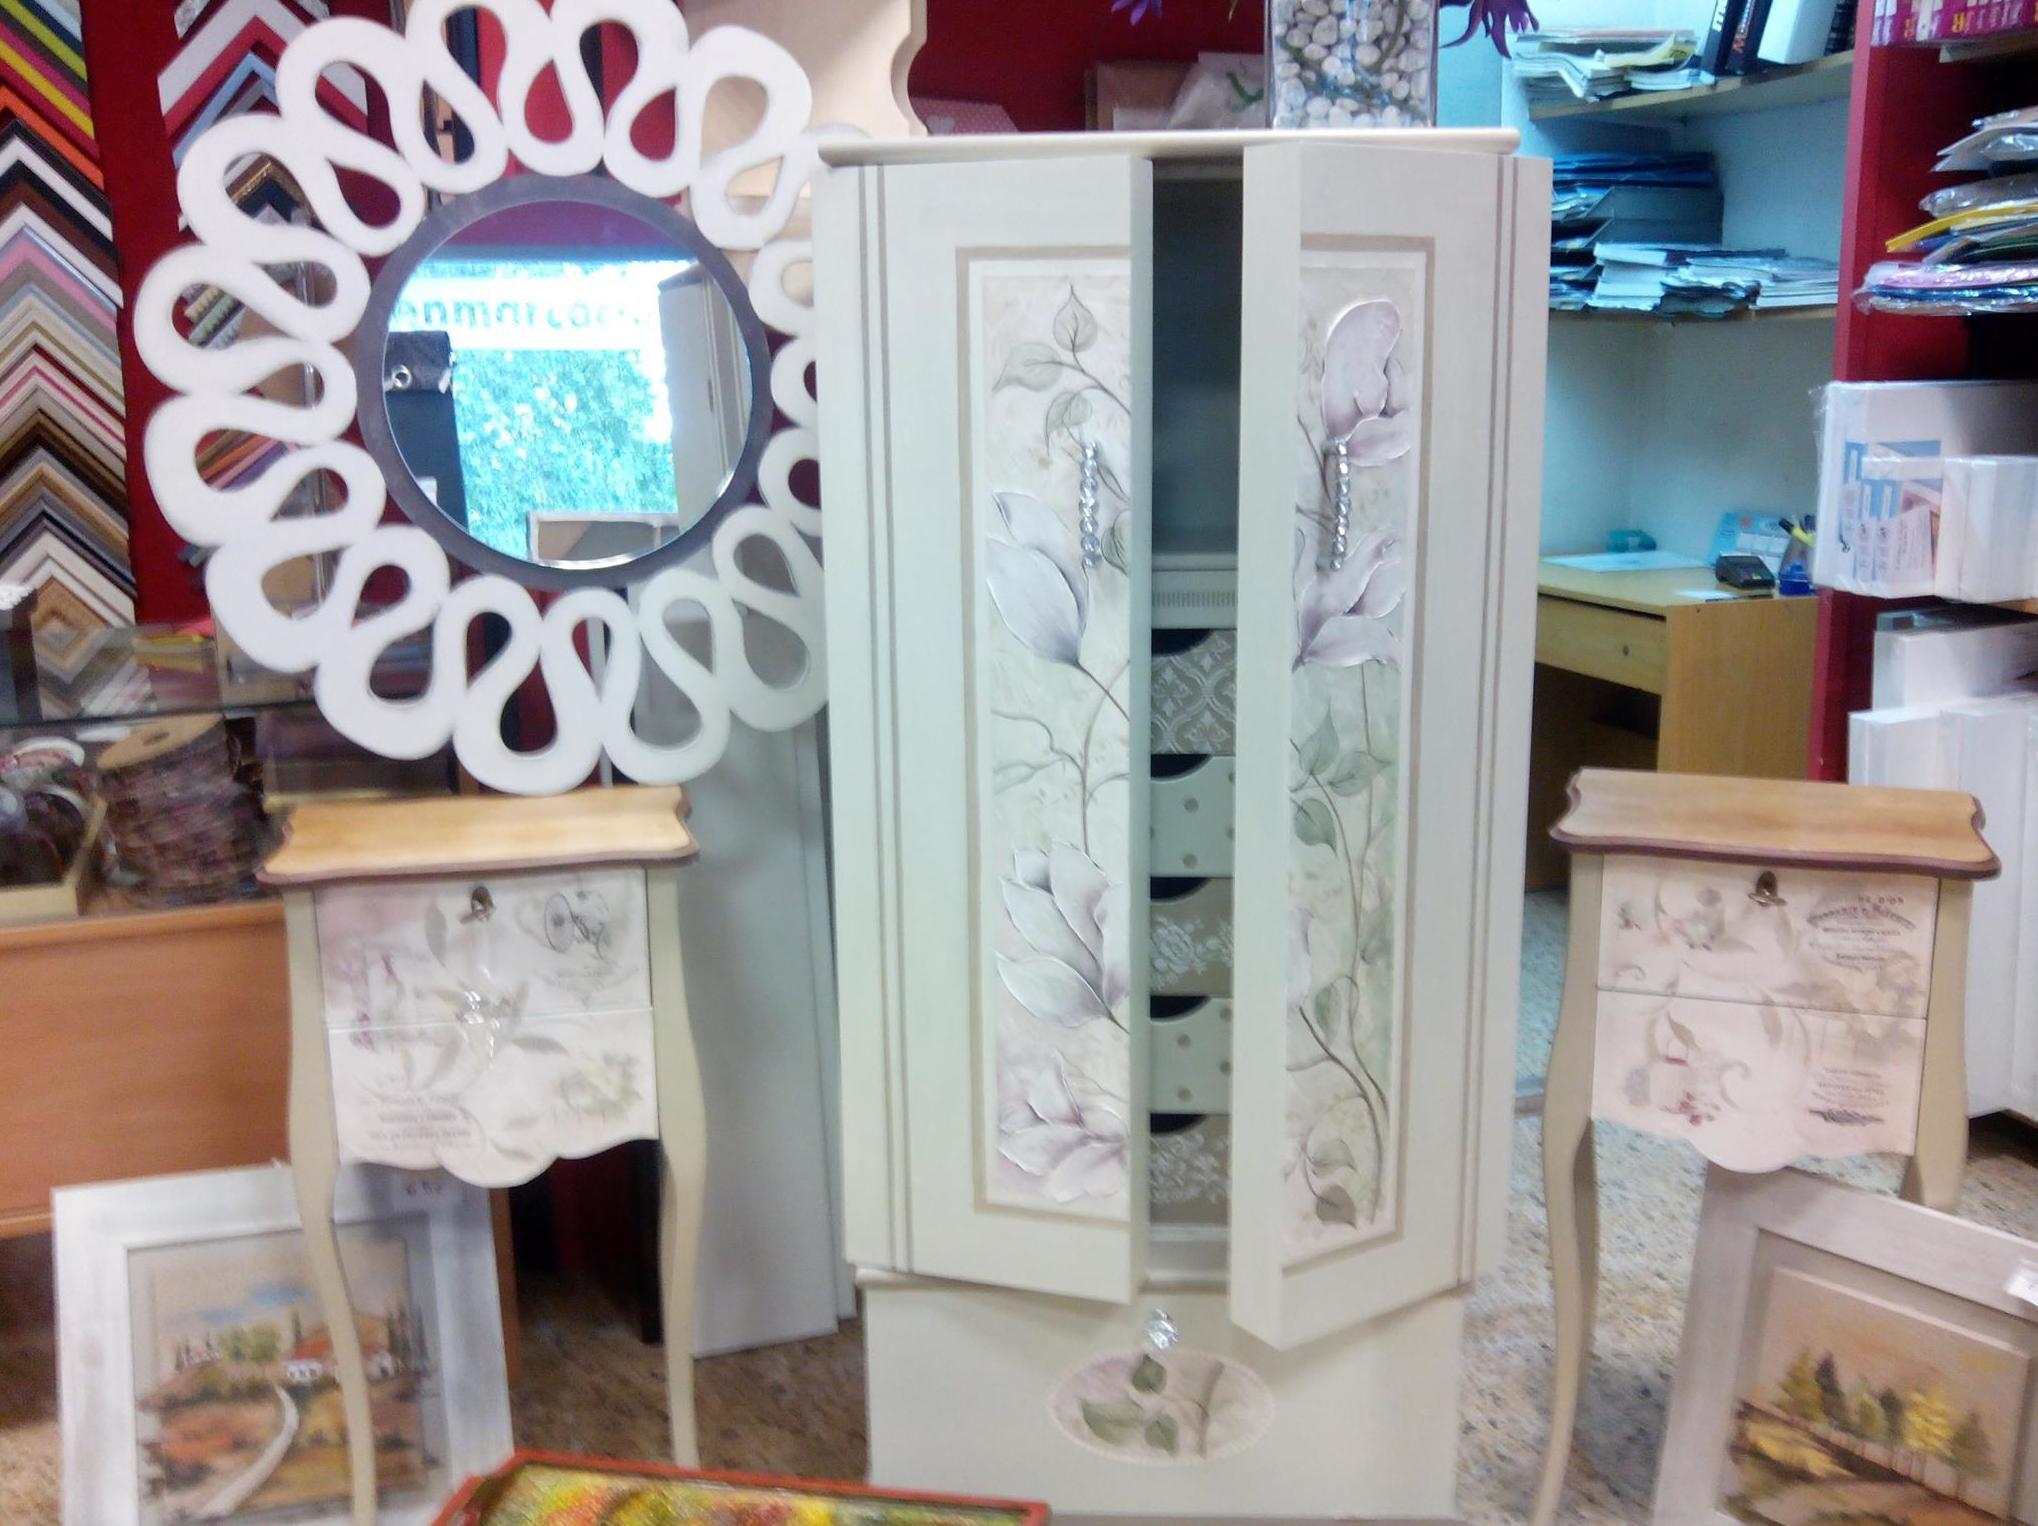 Tiendas De Muebles Santander Latest Tiendas De Muebles With  # Muebles Rey Santander